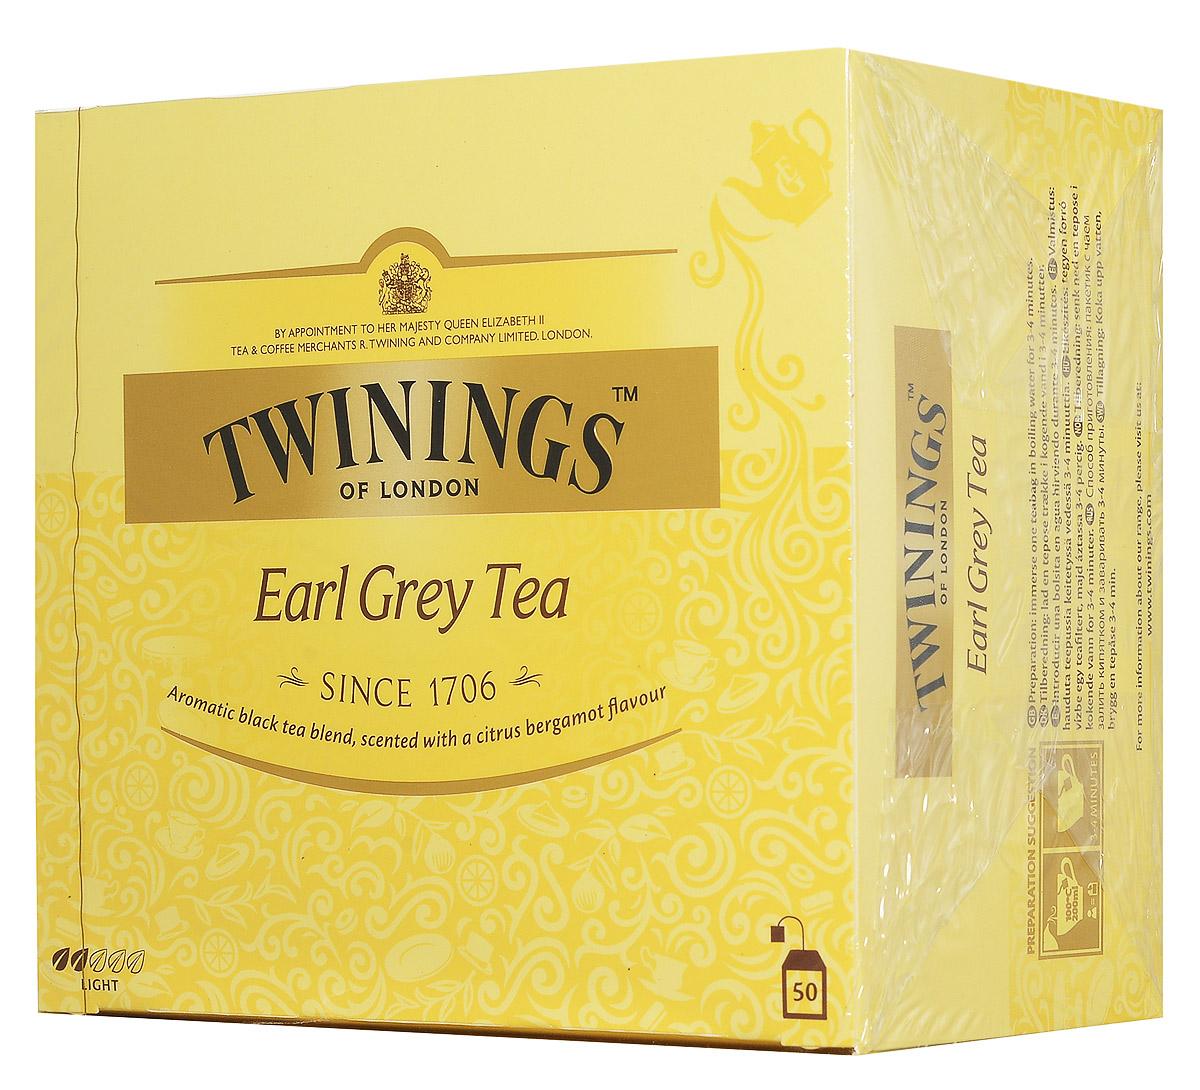 Twinings Earl Grey чай черный в пакетиках, 50 шт0120710Черный чай Twinings Earl Grey является неотъемлемой частью традиционного английского чаепития.Насыщенный черный чай, ароматизированный натуральным маслом из кожуры бергамота, дает яркий настой со сладким ароматом и цитрусовым привкусом.